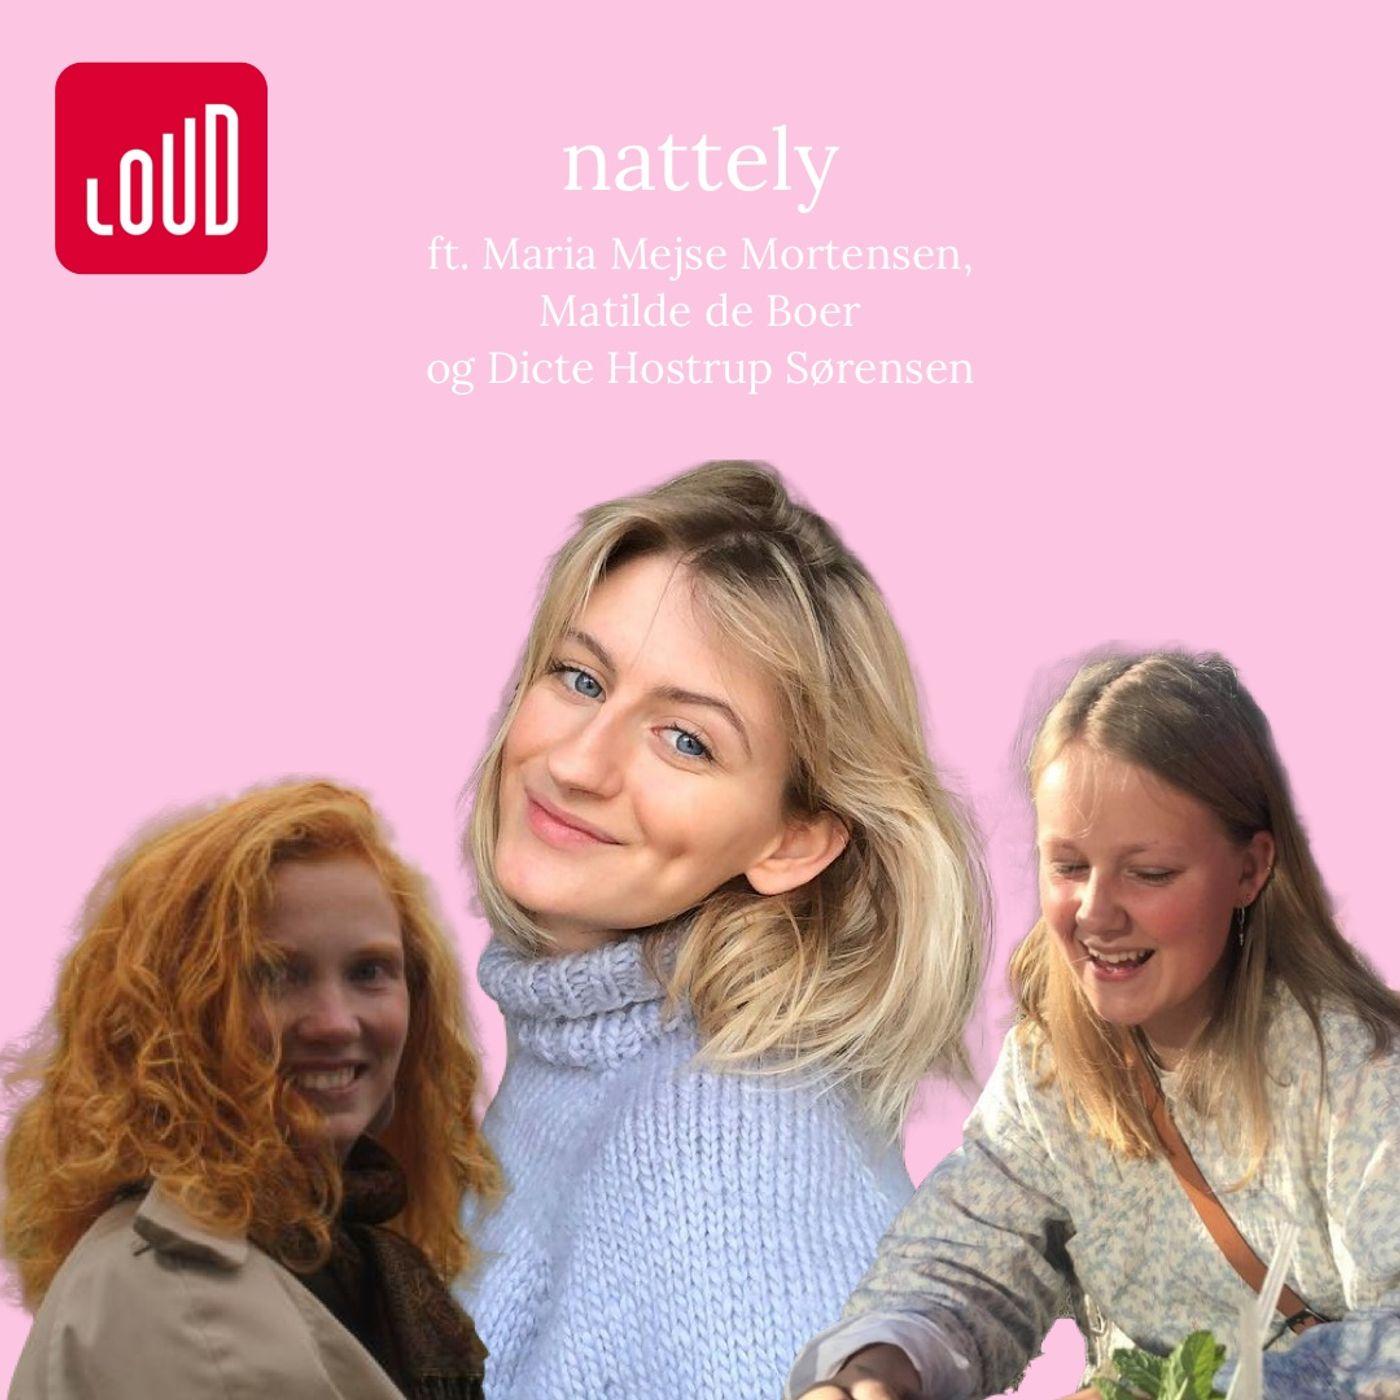 Glædelig kampdag! ft. Maria Mejse Mortensen, Matilde de Boer og Dicte Sørensen